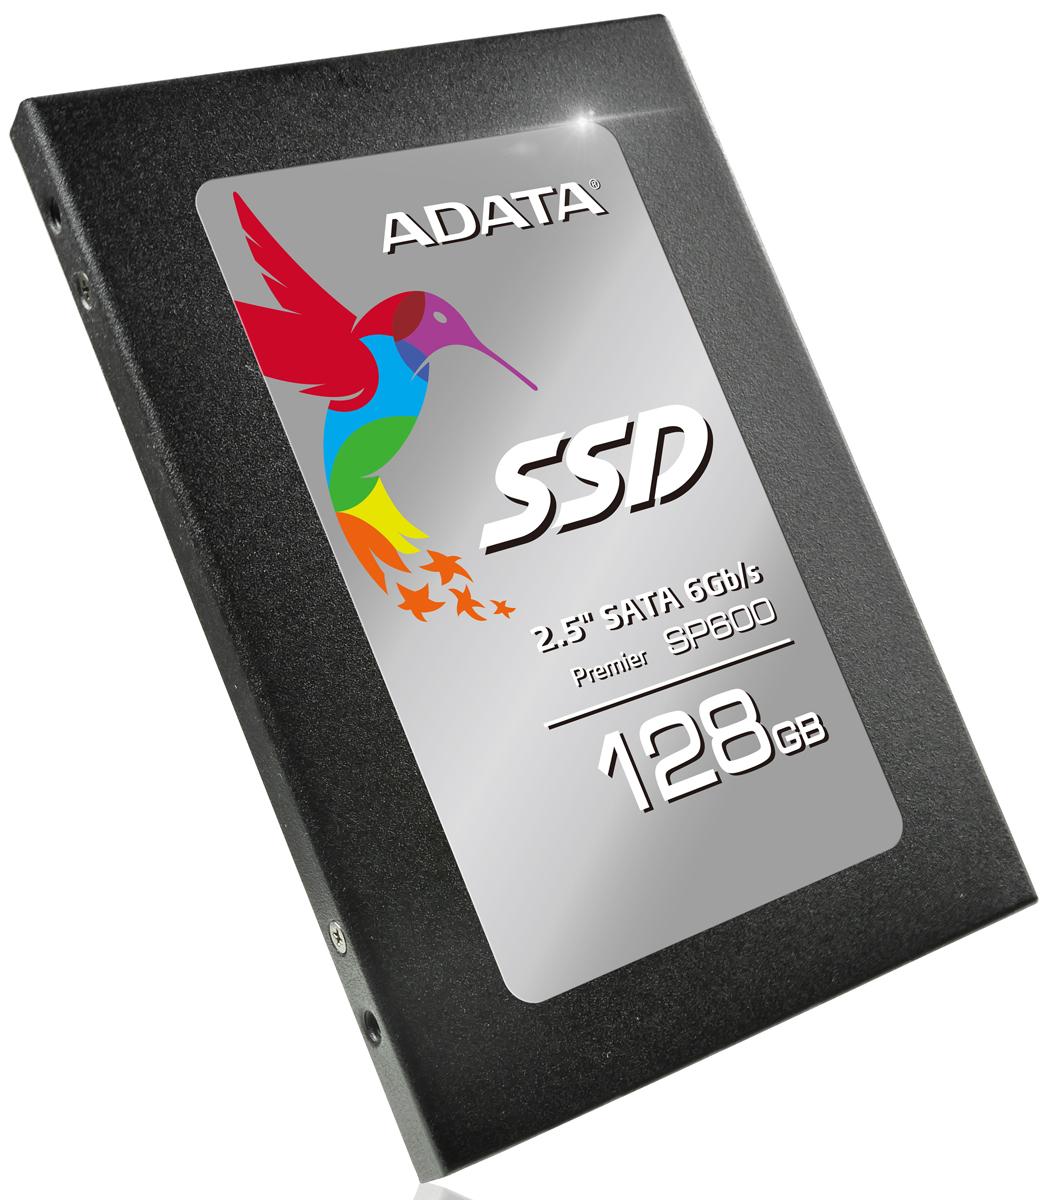 ADATA Premier Pro SP600 128GB SSD-накопительASP600S3-128GM-CADATA Premier Pro SP600 оснащен новейшей микропрограммой оптимизации и содержит тщательно отобранные микросхемы флэш-памяти. Управляемый контроллером JMicron, этот накопитель характеризуется отличной производительностью со скоростями последовательного чтения и записи в 550 и 430 Мбит/с, при скоростях произвольной записи 4 Кб до 76000/73000 операций ввода-вывода в секунду (IOPS). Для клиентов, желающих впервые осуществить модернизацию устройств хранения данных, этот накопитель, несомненно, станет наилучшим решением. С ростом популярности информационных технологий, с использованием все более разнообразных приложений скорость вычислений стала играть решающее значение при покупке компьютеров. В областях обработки видеозаписей, ретуширования больших изображений и компьютерного черчения эффективность выполнения операций чтения и записи зависит от быстродействия и стабильности устройств хранения данных. Накопитель ADATA Premier Pro SP600 включает специально подобранные микросхемы флэш-памяти от надежных производителей и поддерживает команды Windows TRIM. Как на настольных компьютерах, так и на ноутбуках пользователи будут наслаждаться беспрецедентной скоростью работы. В дополнение к этим преимуществам накопитель SP600 характеризуется низким потреблением энергии, малым выделением тепла и высокой ударопрочностью. Модуль ADATA Premier Pro SP600 для ноутбука позволяет легко оснастить переносной компьютер современным твердотельным накопителем, а оригинальный жесткий диск использовать в качестве внешнего накопителя. Чтобы использовать твердотельный накопитель SP600 в качестве внутреннего диска вашего ноутбука, просто извлеките имеющийся жесткий дисковод и установите блок SP600 в отсек дисковода. Установите старый жесткий дисковод в прилагаемый алюминиевый корпус, и продолжайте использовать его в качестве внешнего или переносного жесткого диска. На твердотельный накопитель ADATA Premier Pro SP600 с первоклассной флэш-пам